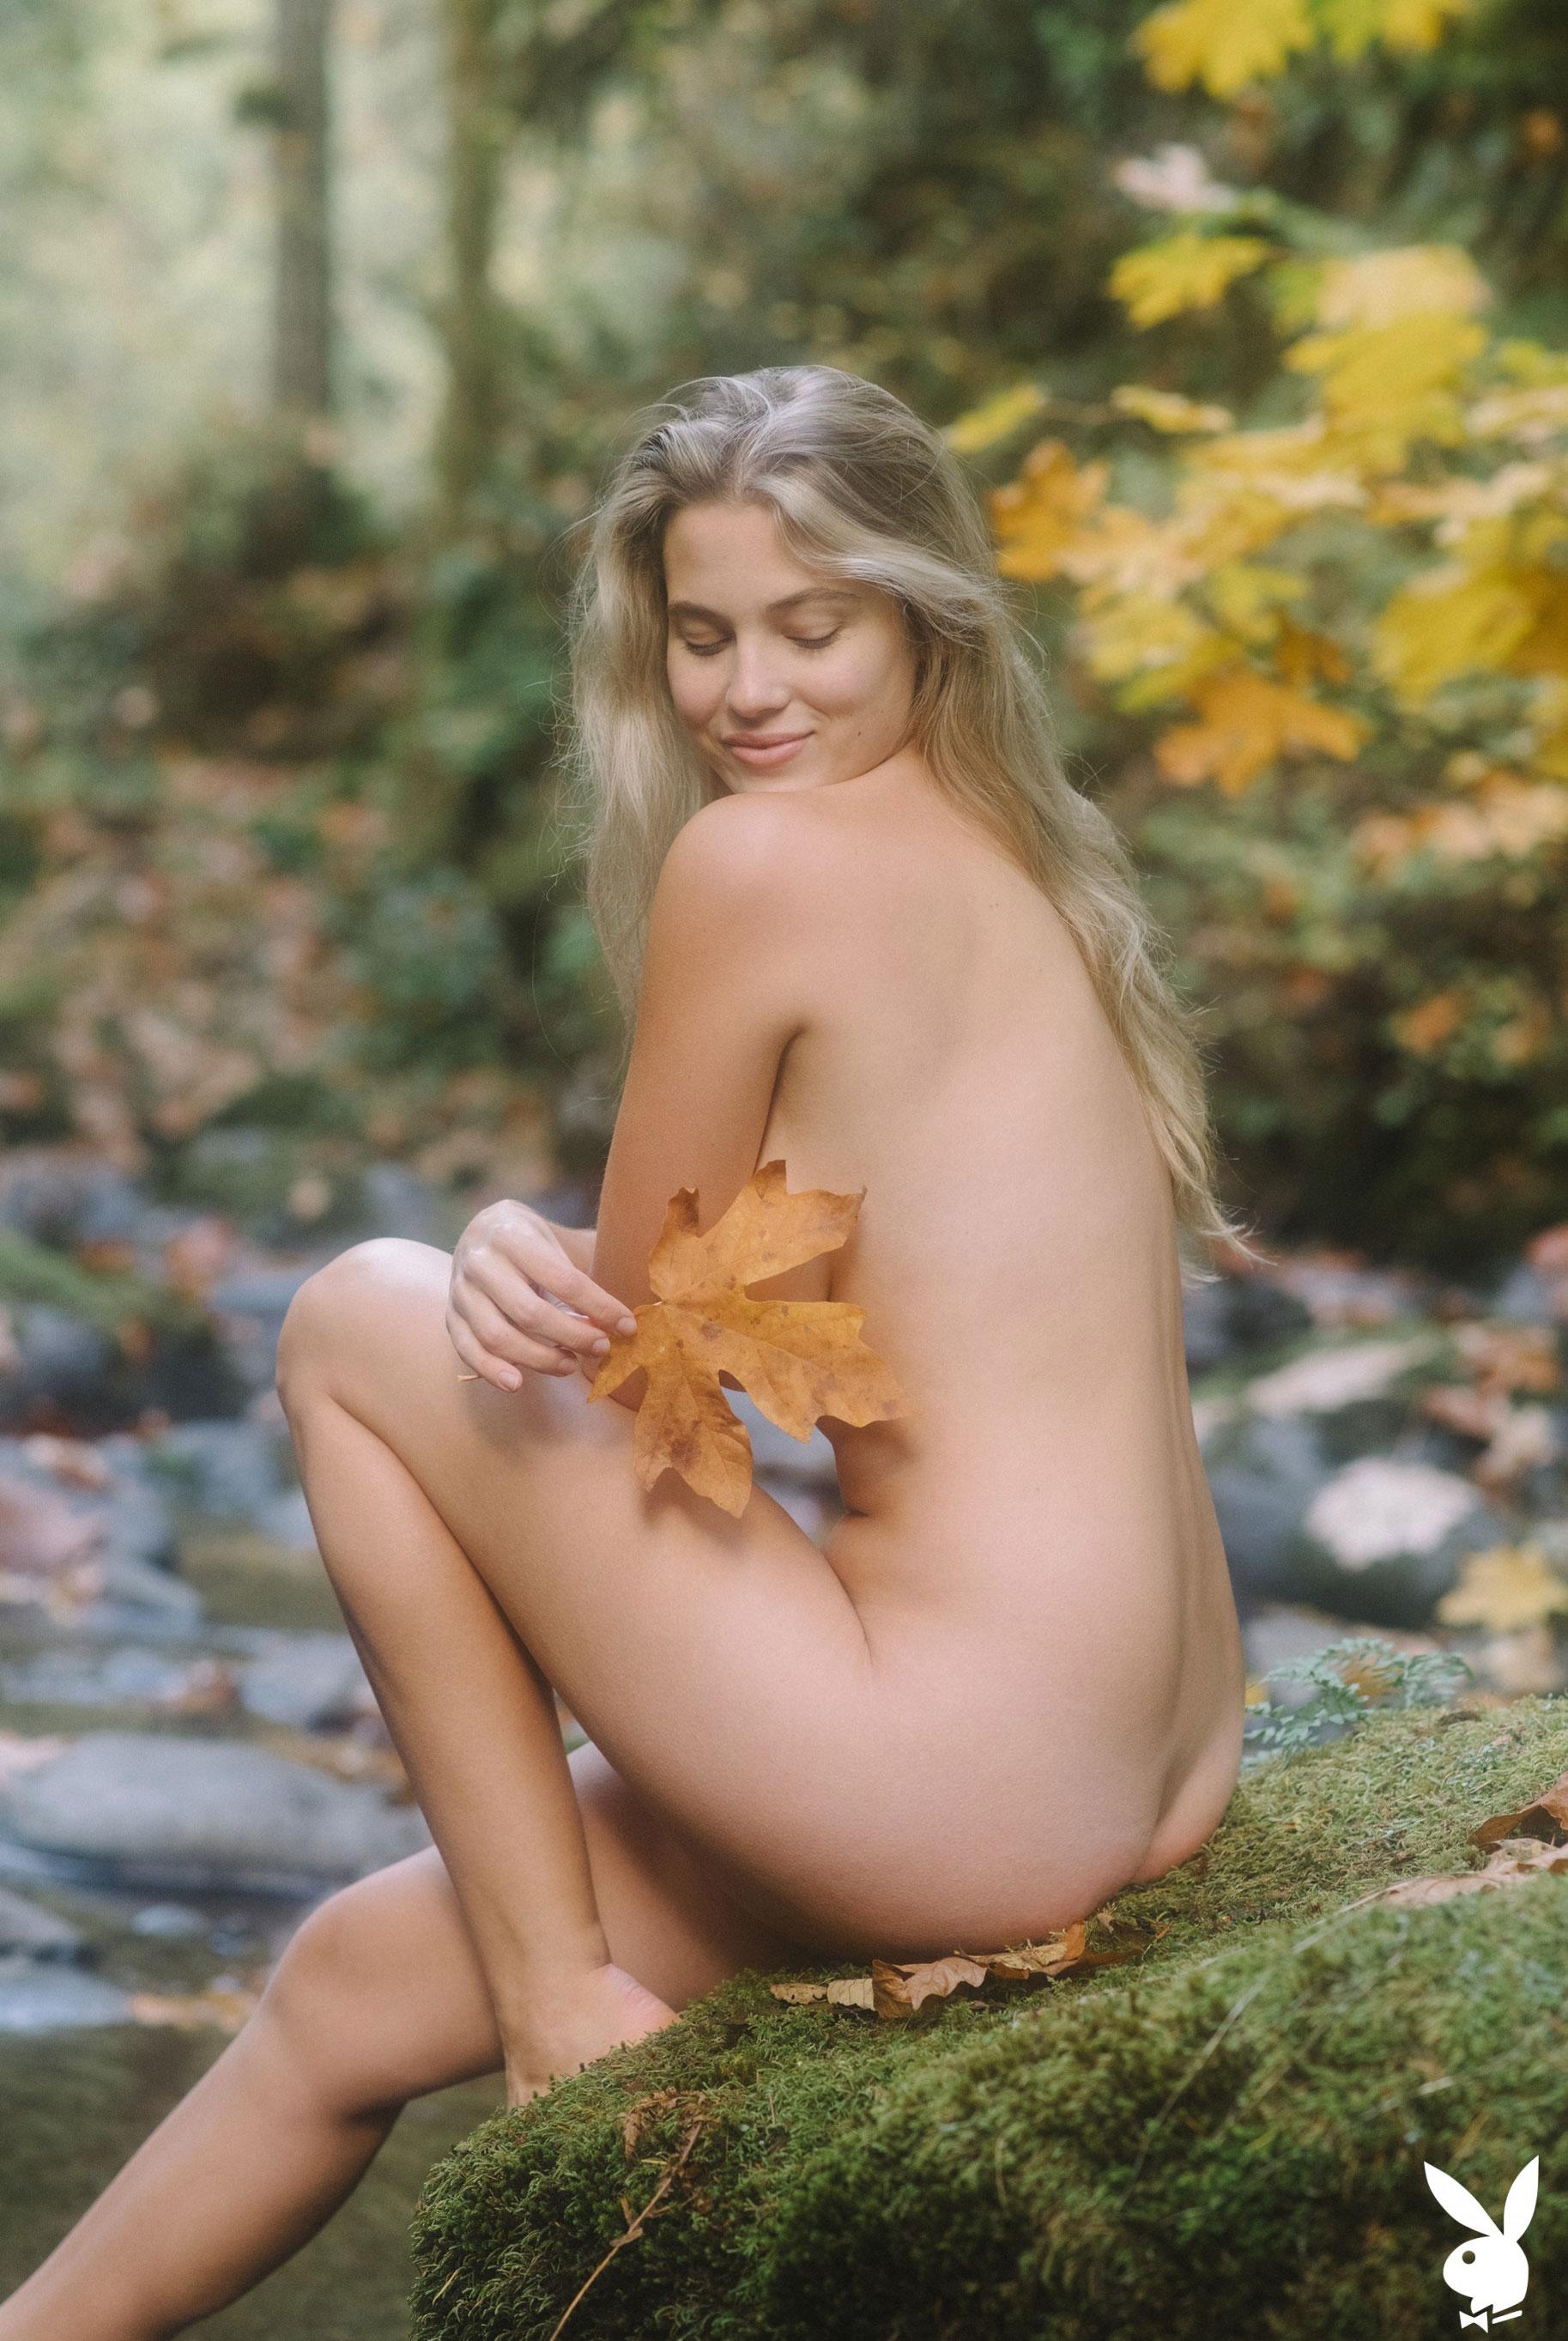 Меган Мур - Девушка месяца февраль 2019 Playboy США / фото 03